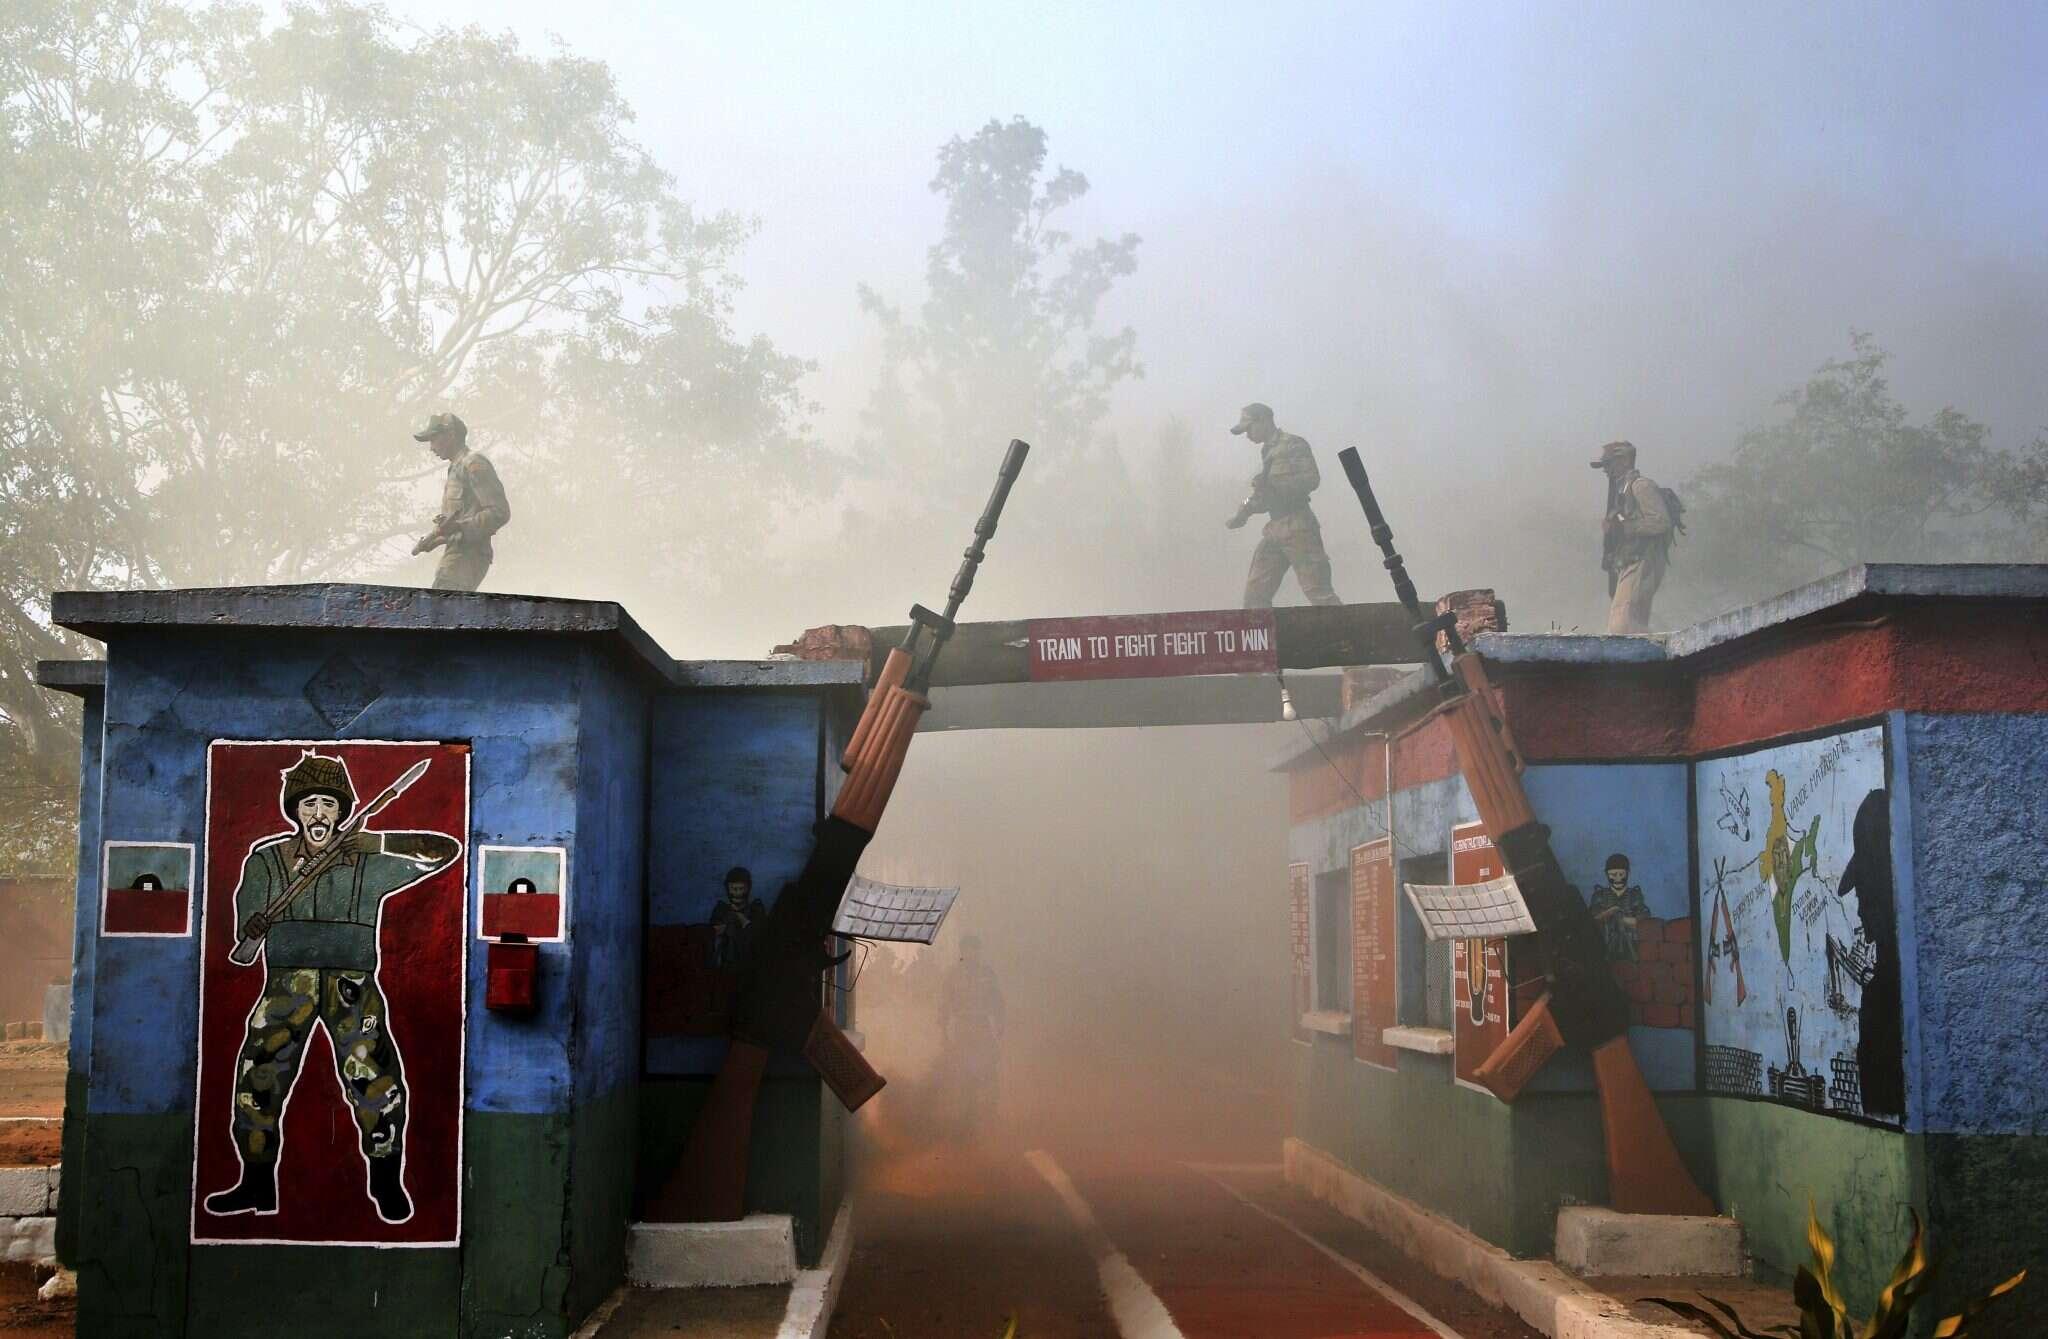 """אימון של צבא הודו. """"להתאמן כדי להילחם, להילחם כדי לנצח"""". צילום: AP"""